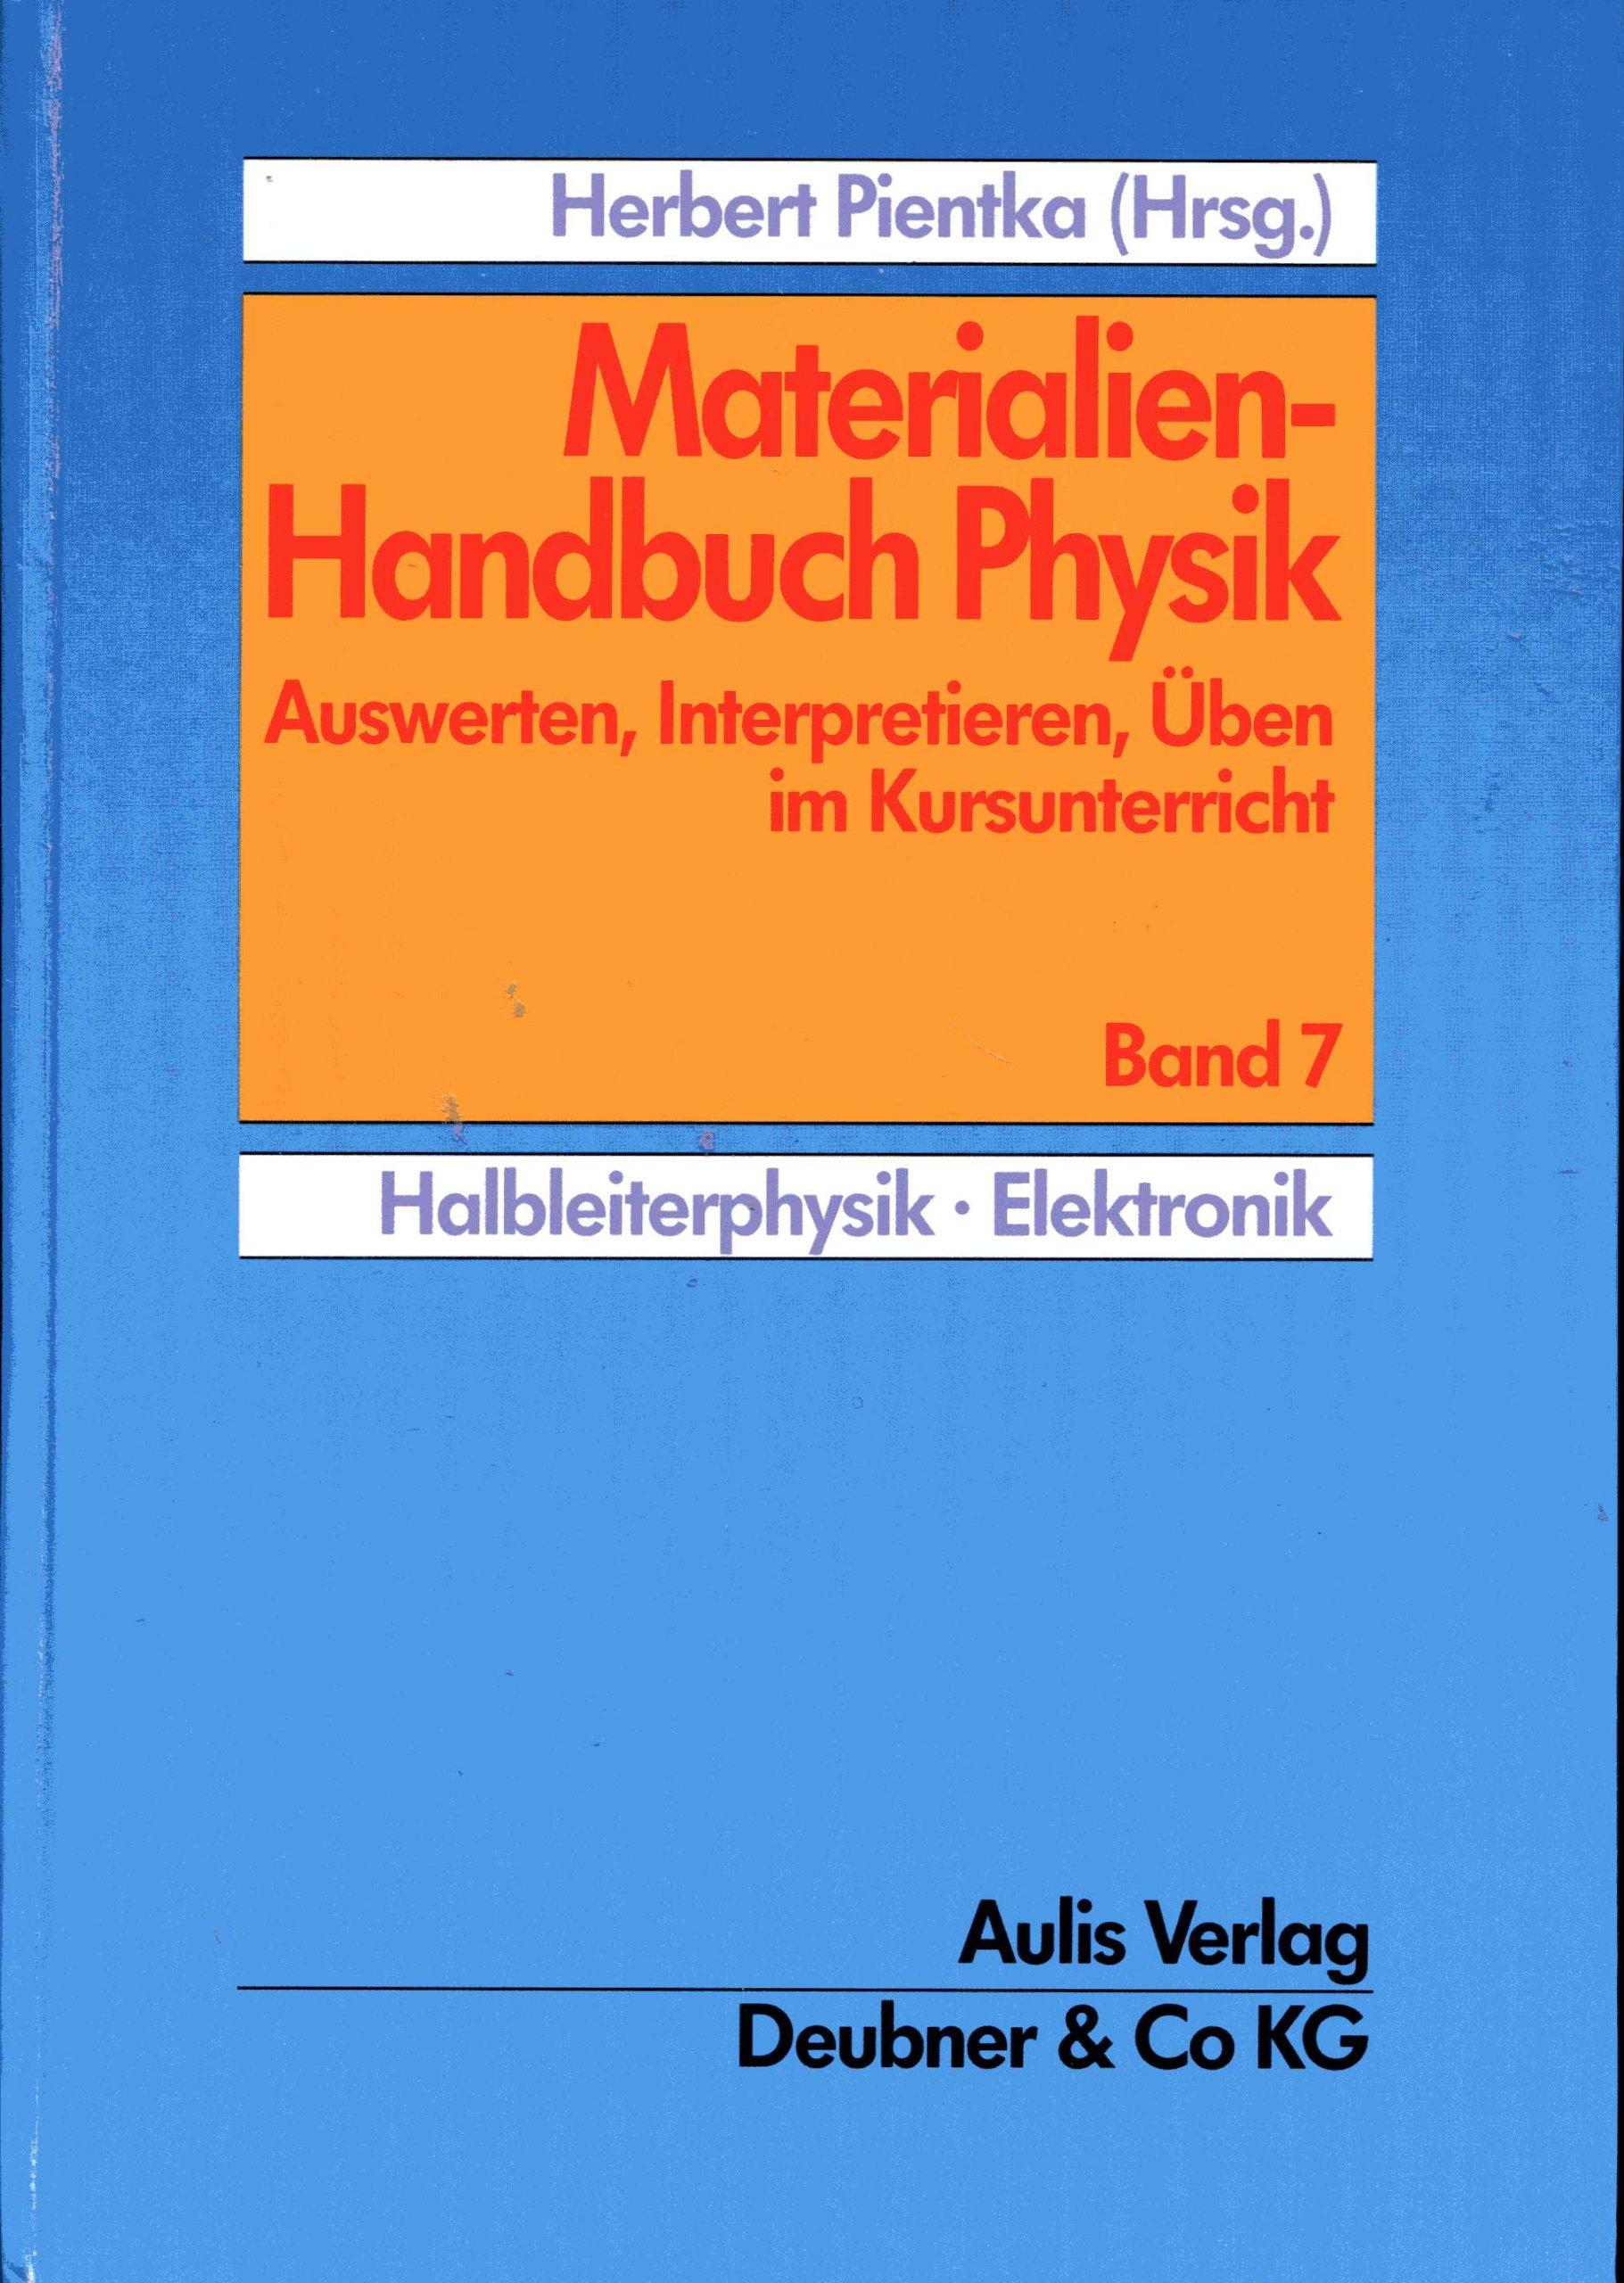 Materialien Handbuch Physik Auswerten Interpretieren üben Im